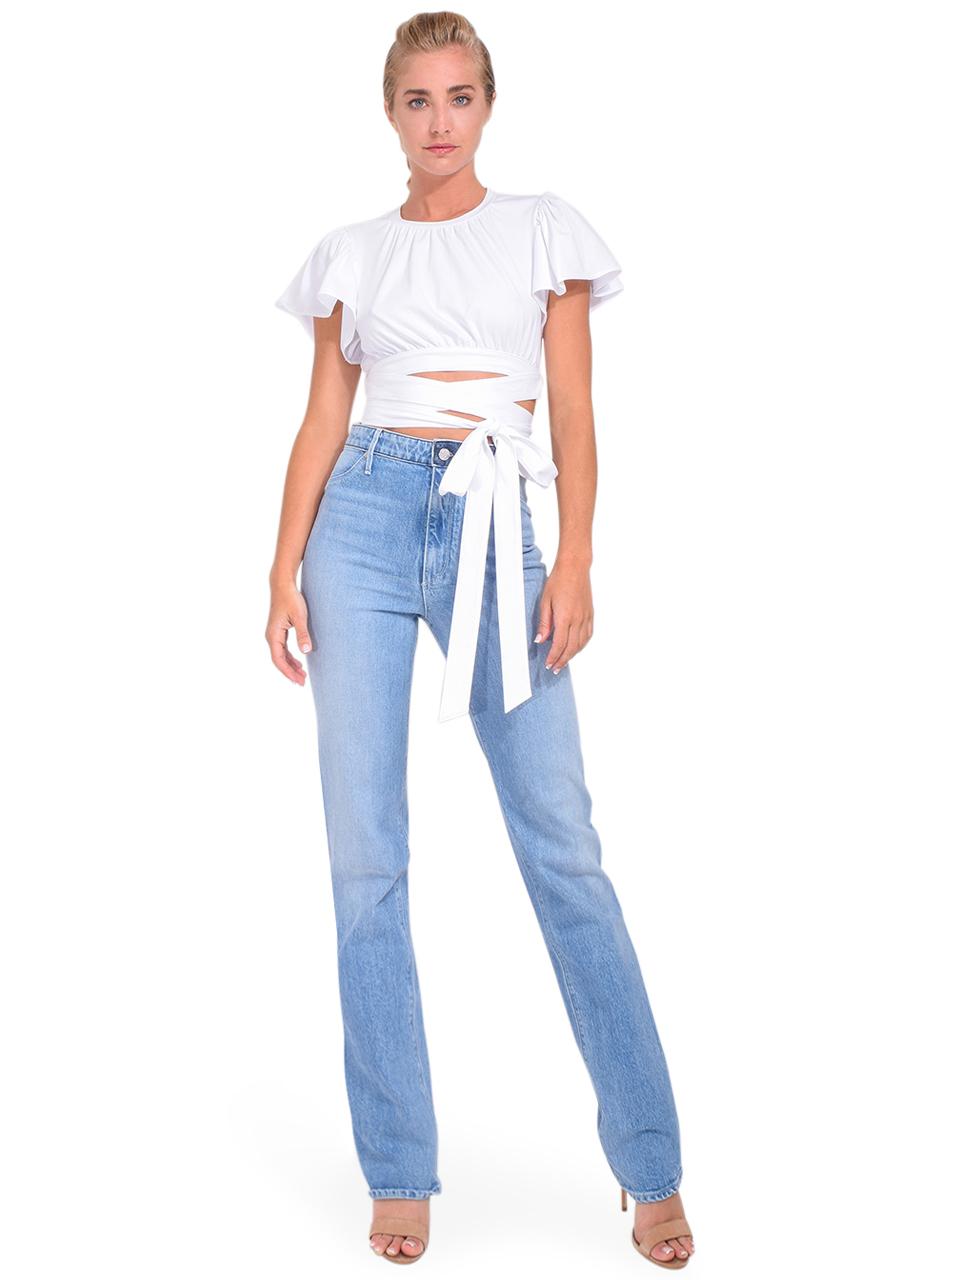 Gaia Jean in Logic Blue Full Outfit